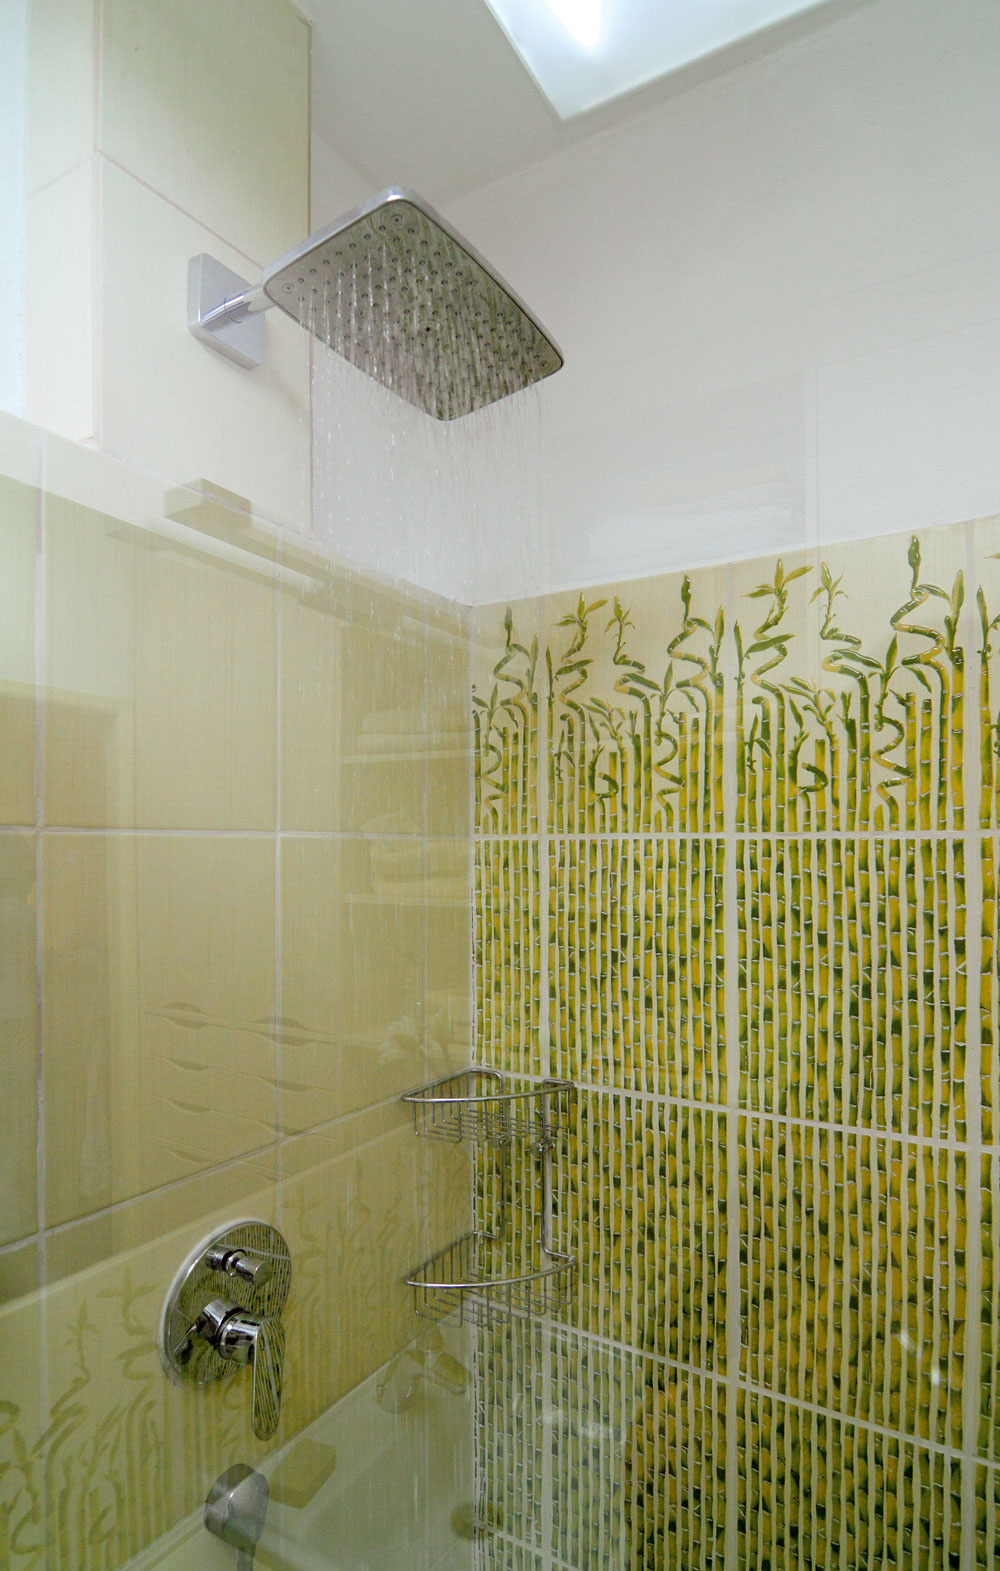 """""""Mňa najviac teší rozmerná, stabilne upevnená sprchovacia hlavica – mám rád kúpanie vdaždi,"""" spomína majiteľ, ako si doprial nový spôsob sprchovania ako vianočný darček."""